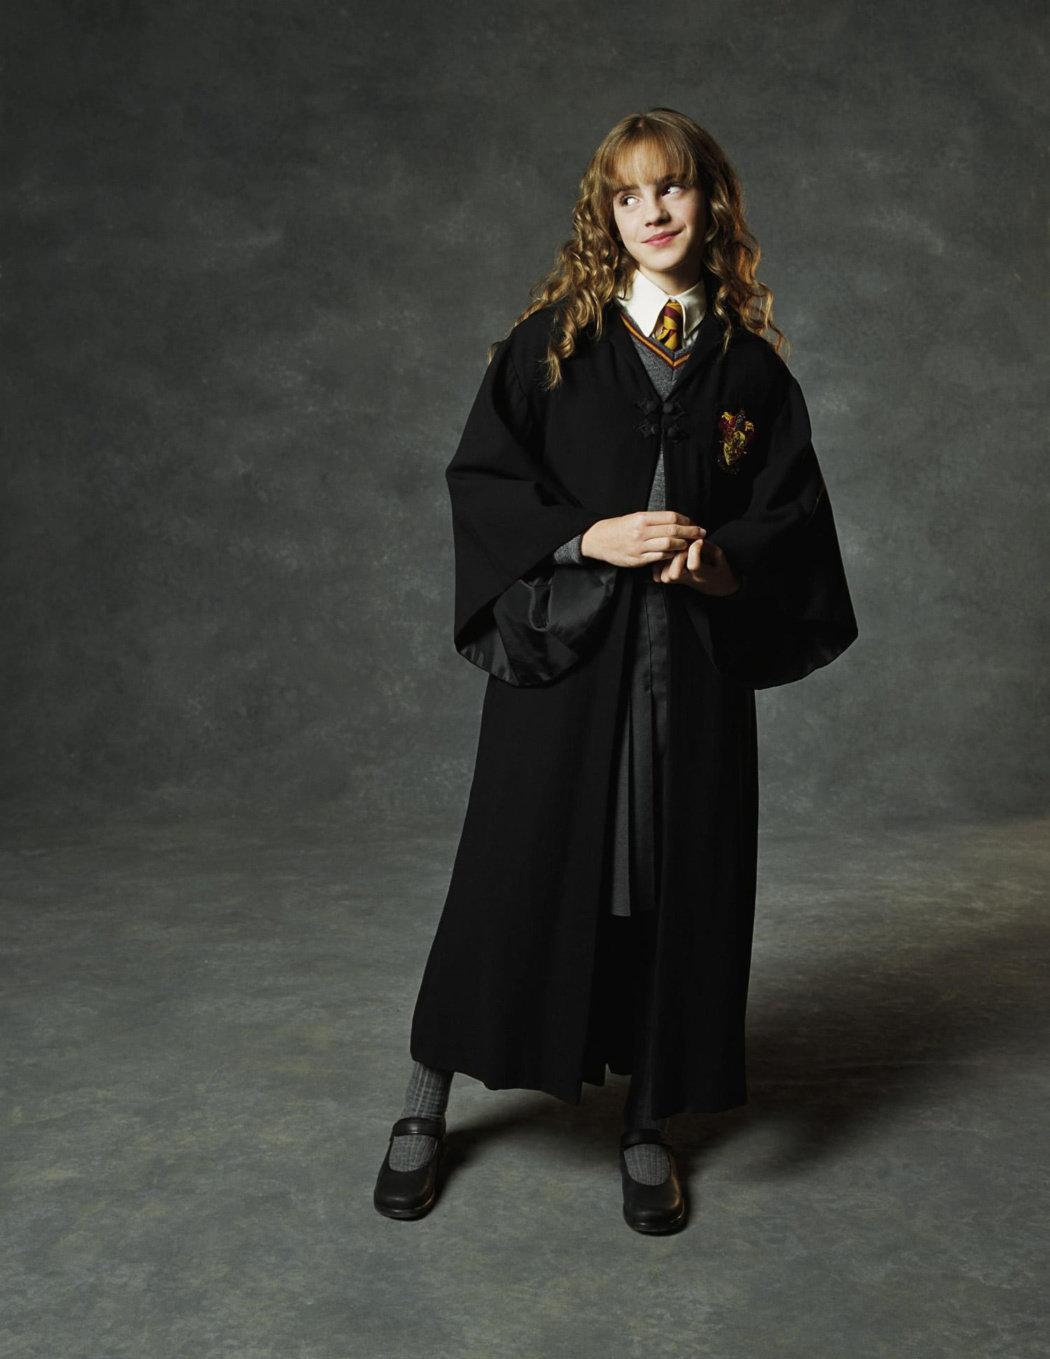 Emma Watson《哈利·波特与密室》电影官方定妆写真